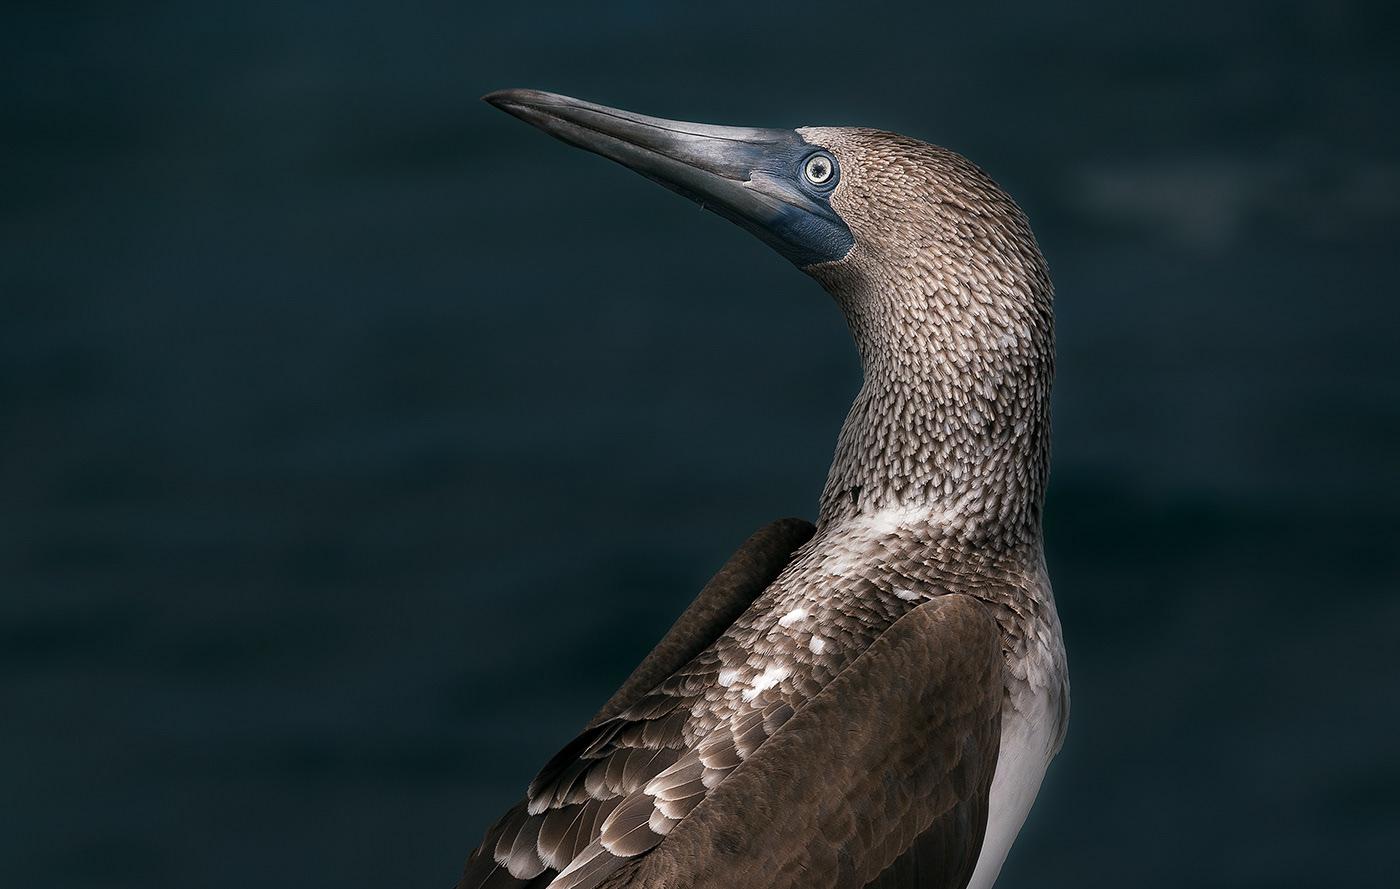 Image may contain: bird, animal and aquatic bird